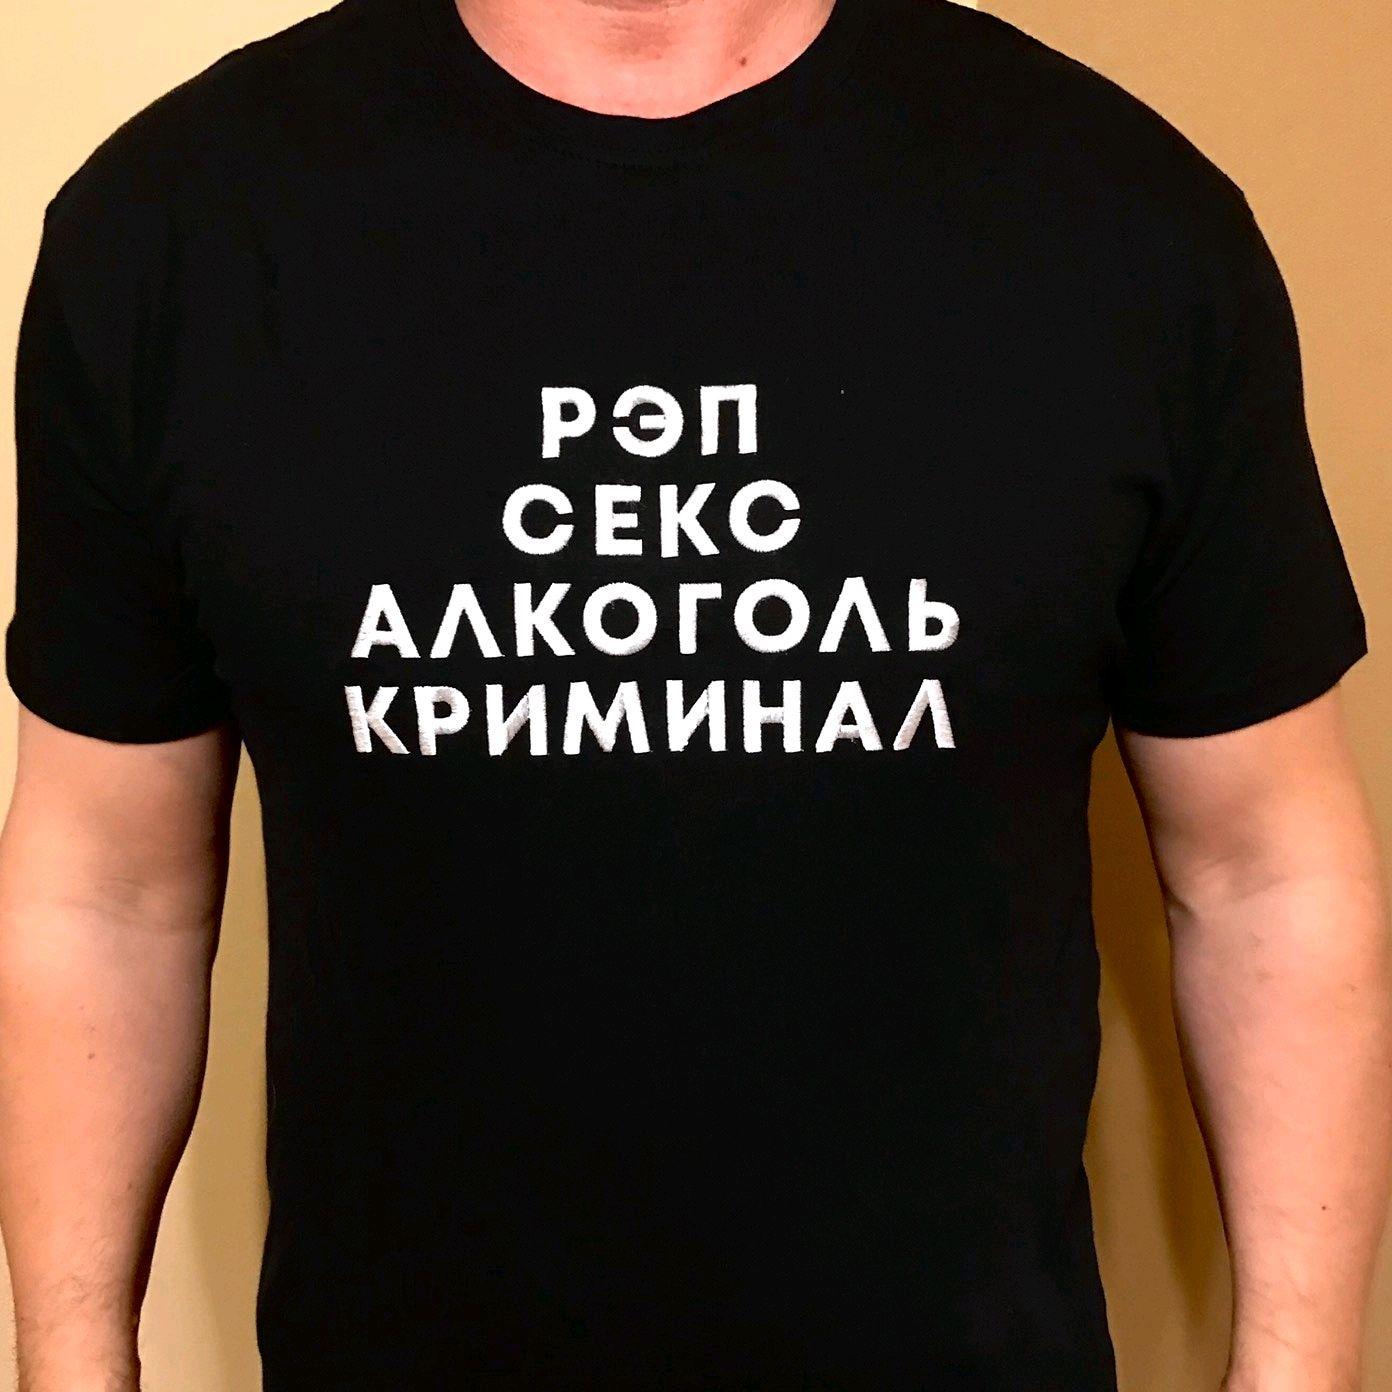 Футболка с вышивкой, Футболки, Витебск,  Фото №1